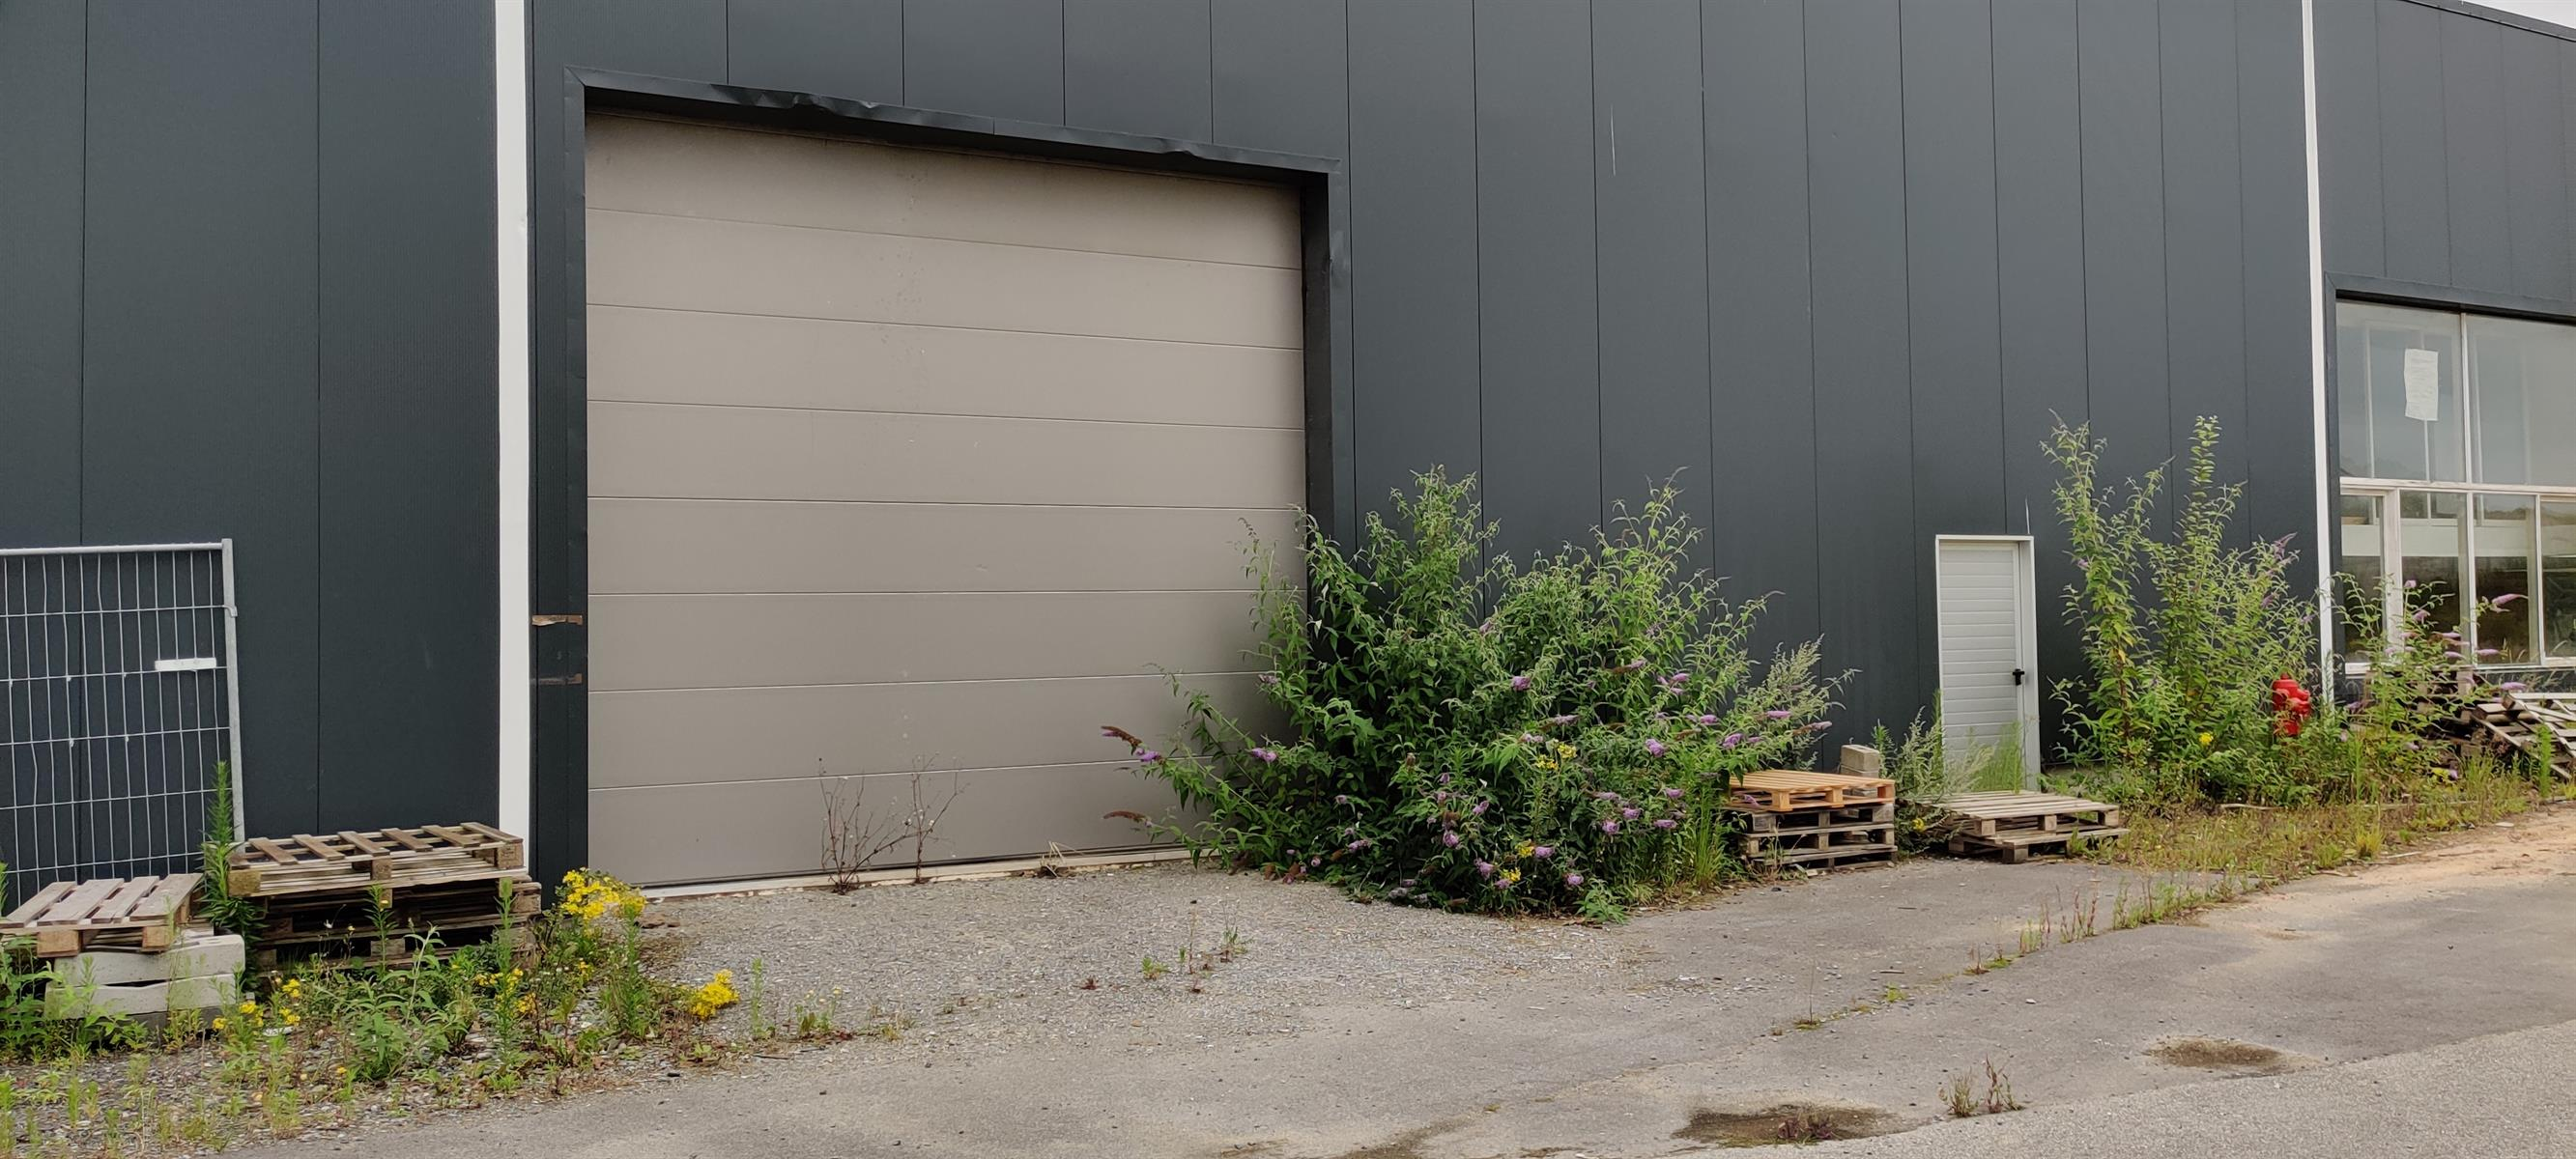 gebouw voor gemengd gebruik te huur I158 - Lumbeekstraat 38, 1700 Dilbeek Sint-Ulriks-Kapelle, België 7